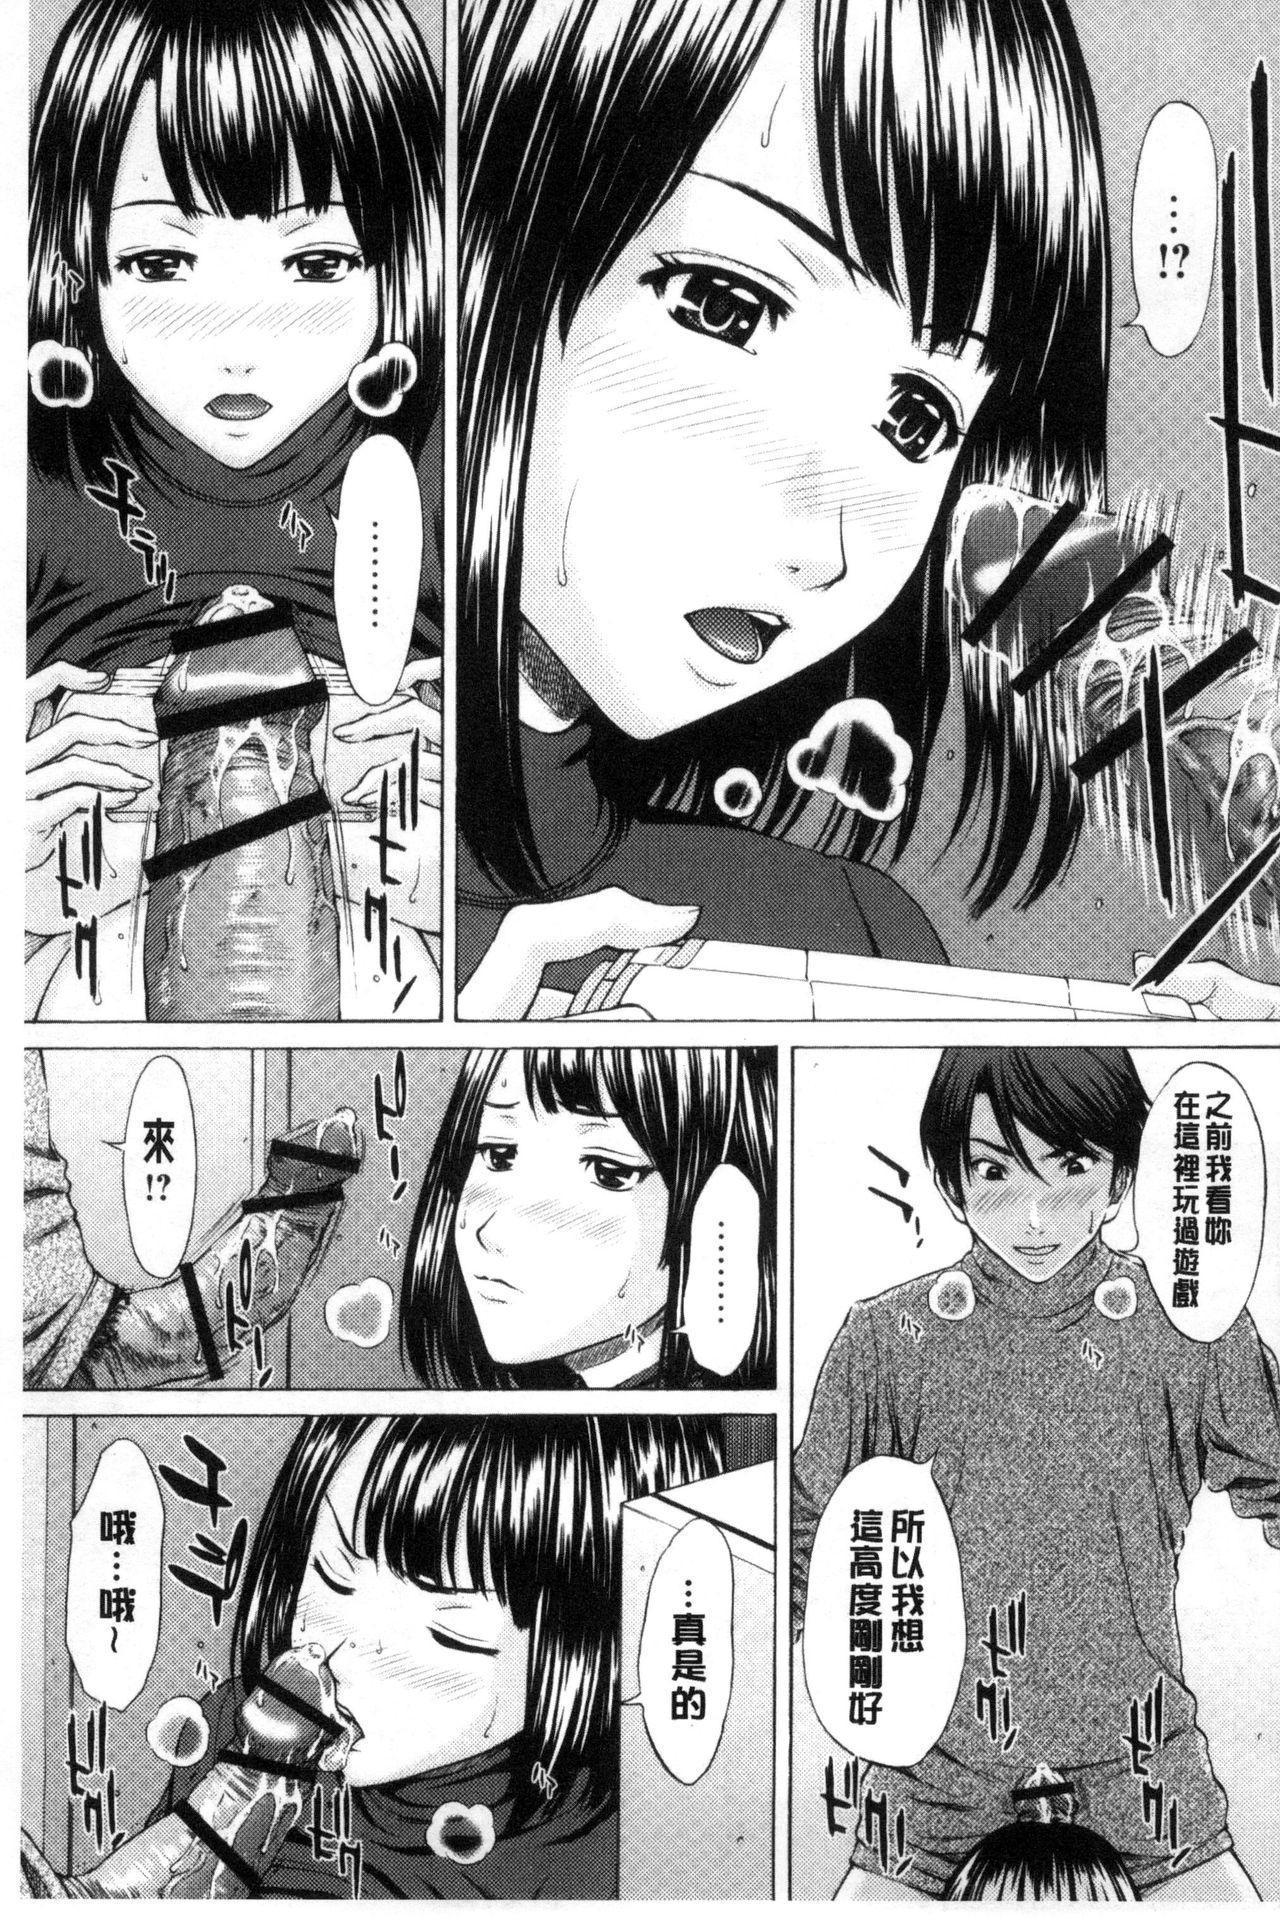 Mesukano Inbina Mesu Kanojotachi To No Hibi 197